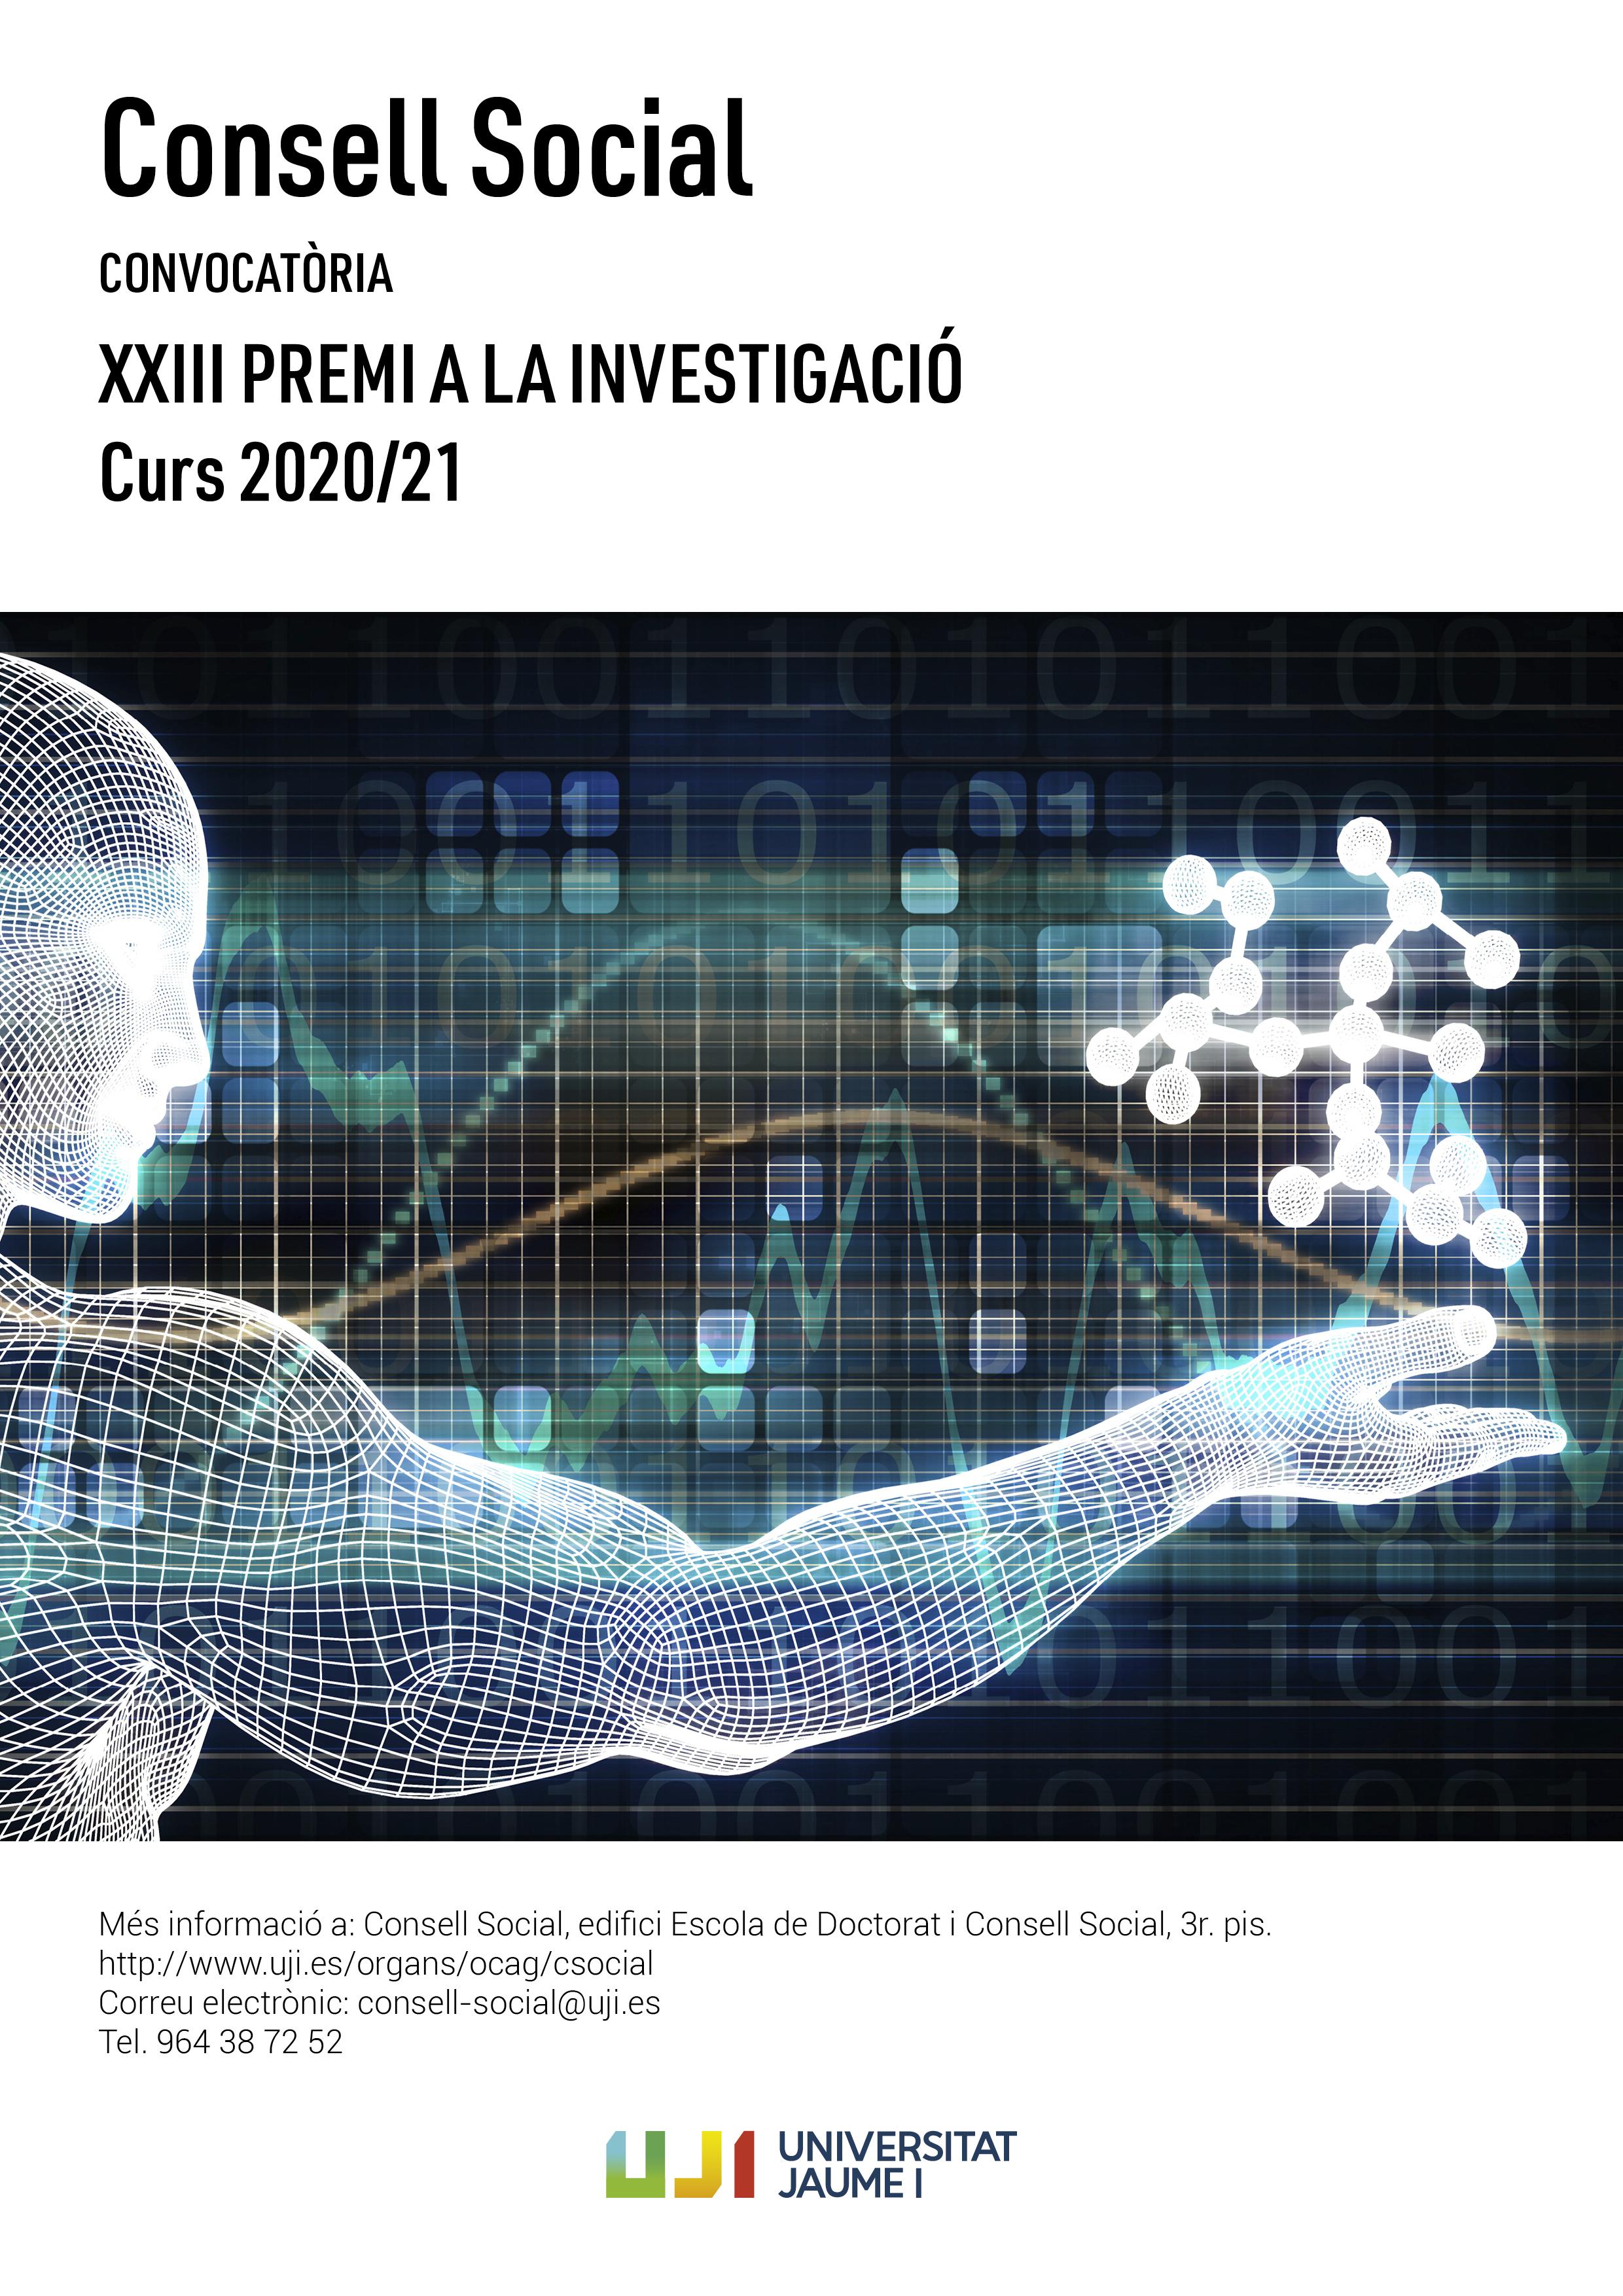 Cartell del XXIII Premi del Consell Social a la Investigació 2021